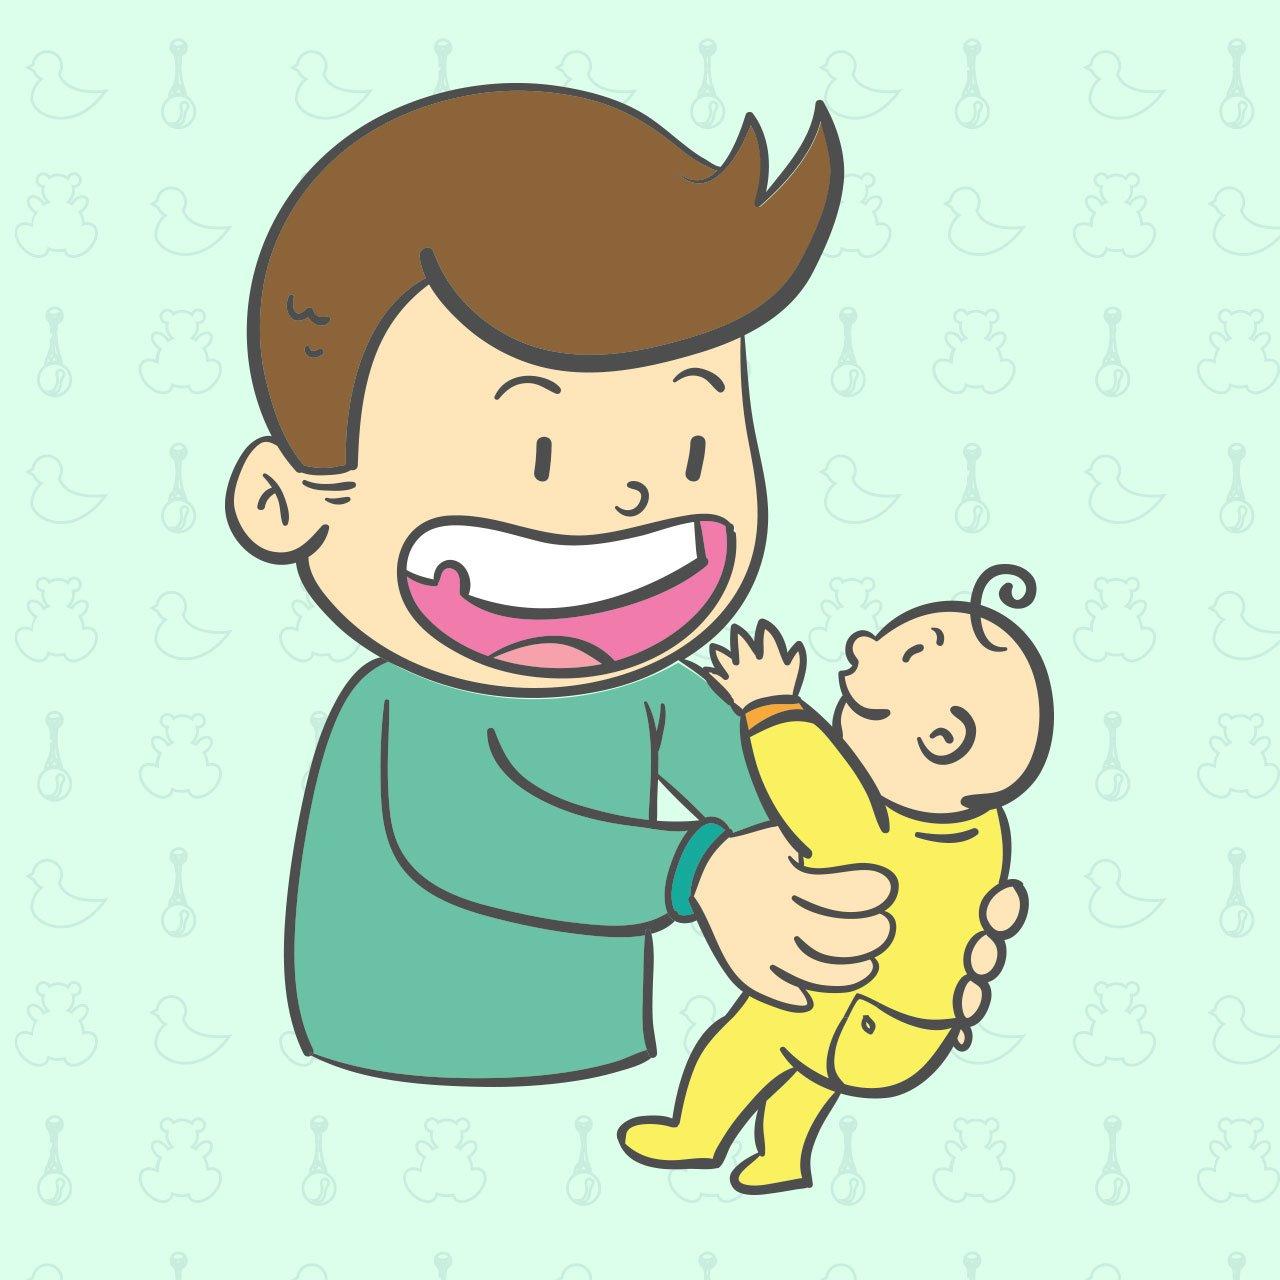 evento friuli babbofelice it un nuovo blog di un neo papa friulano avatar babbo felice BabboFelice.it, un nuovo blog di un neo papà friulano